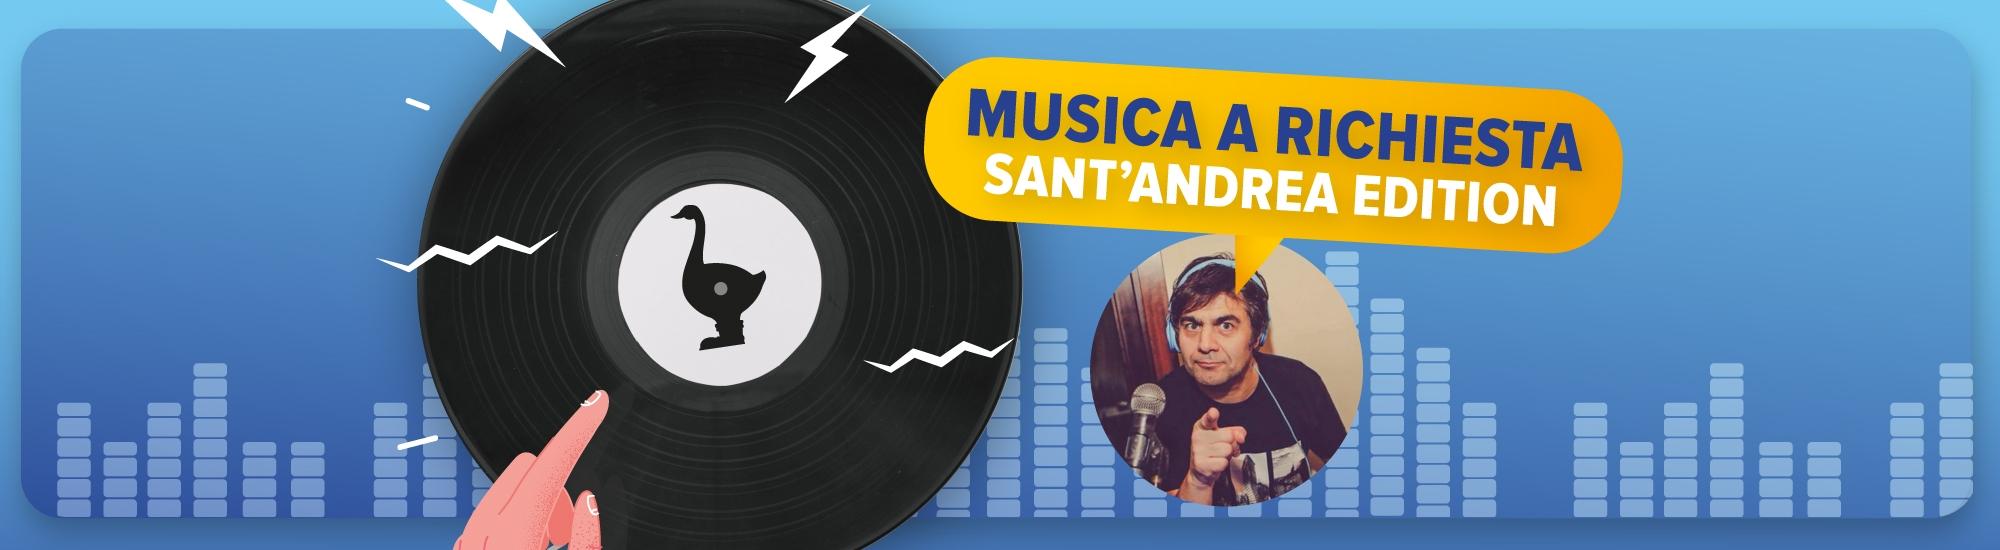 Immagine Musica a richiesta | Sant'Andrea edition